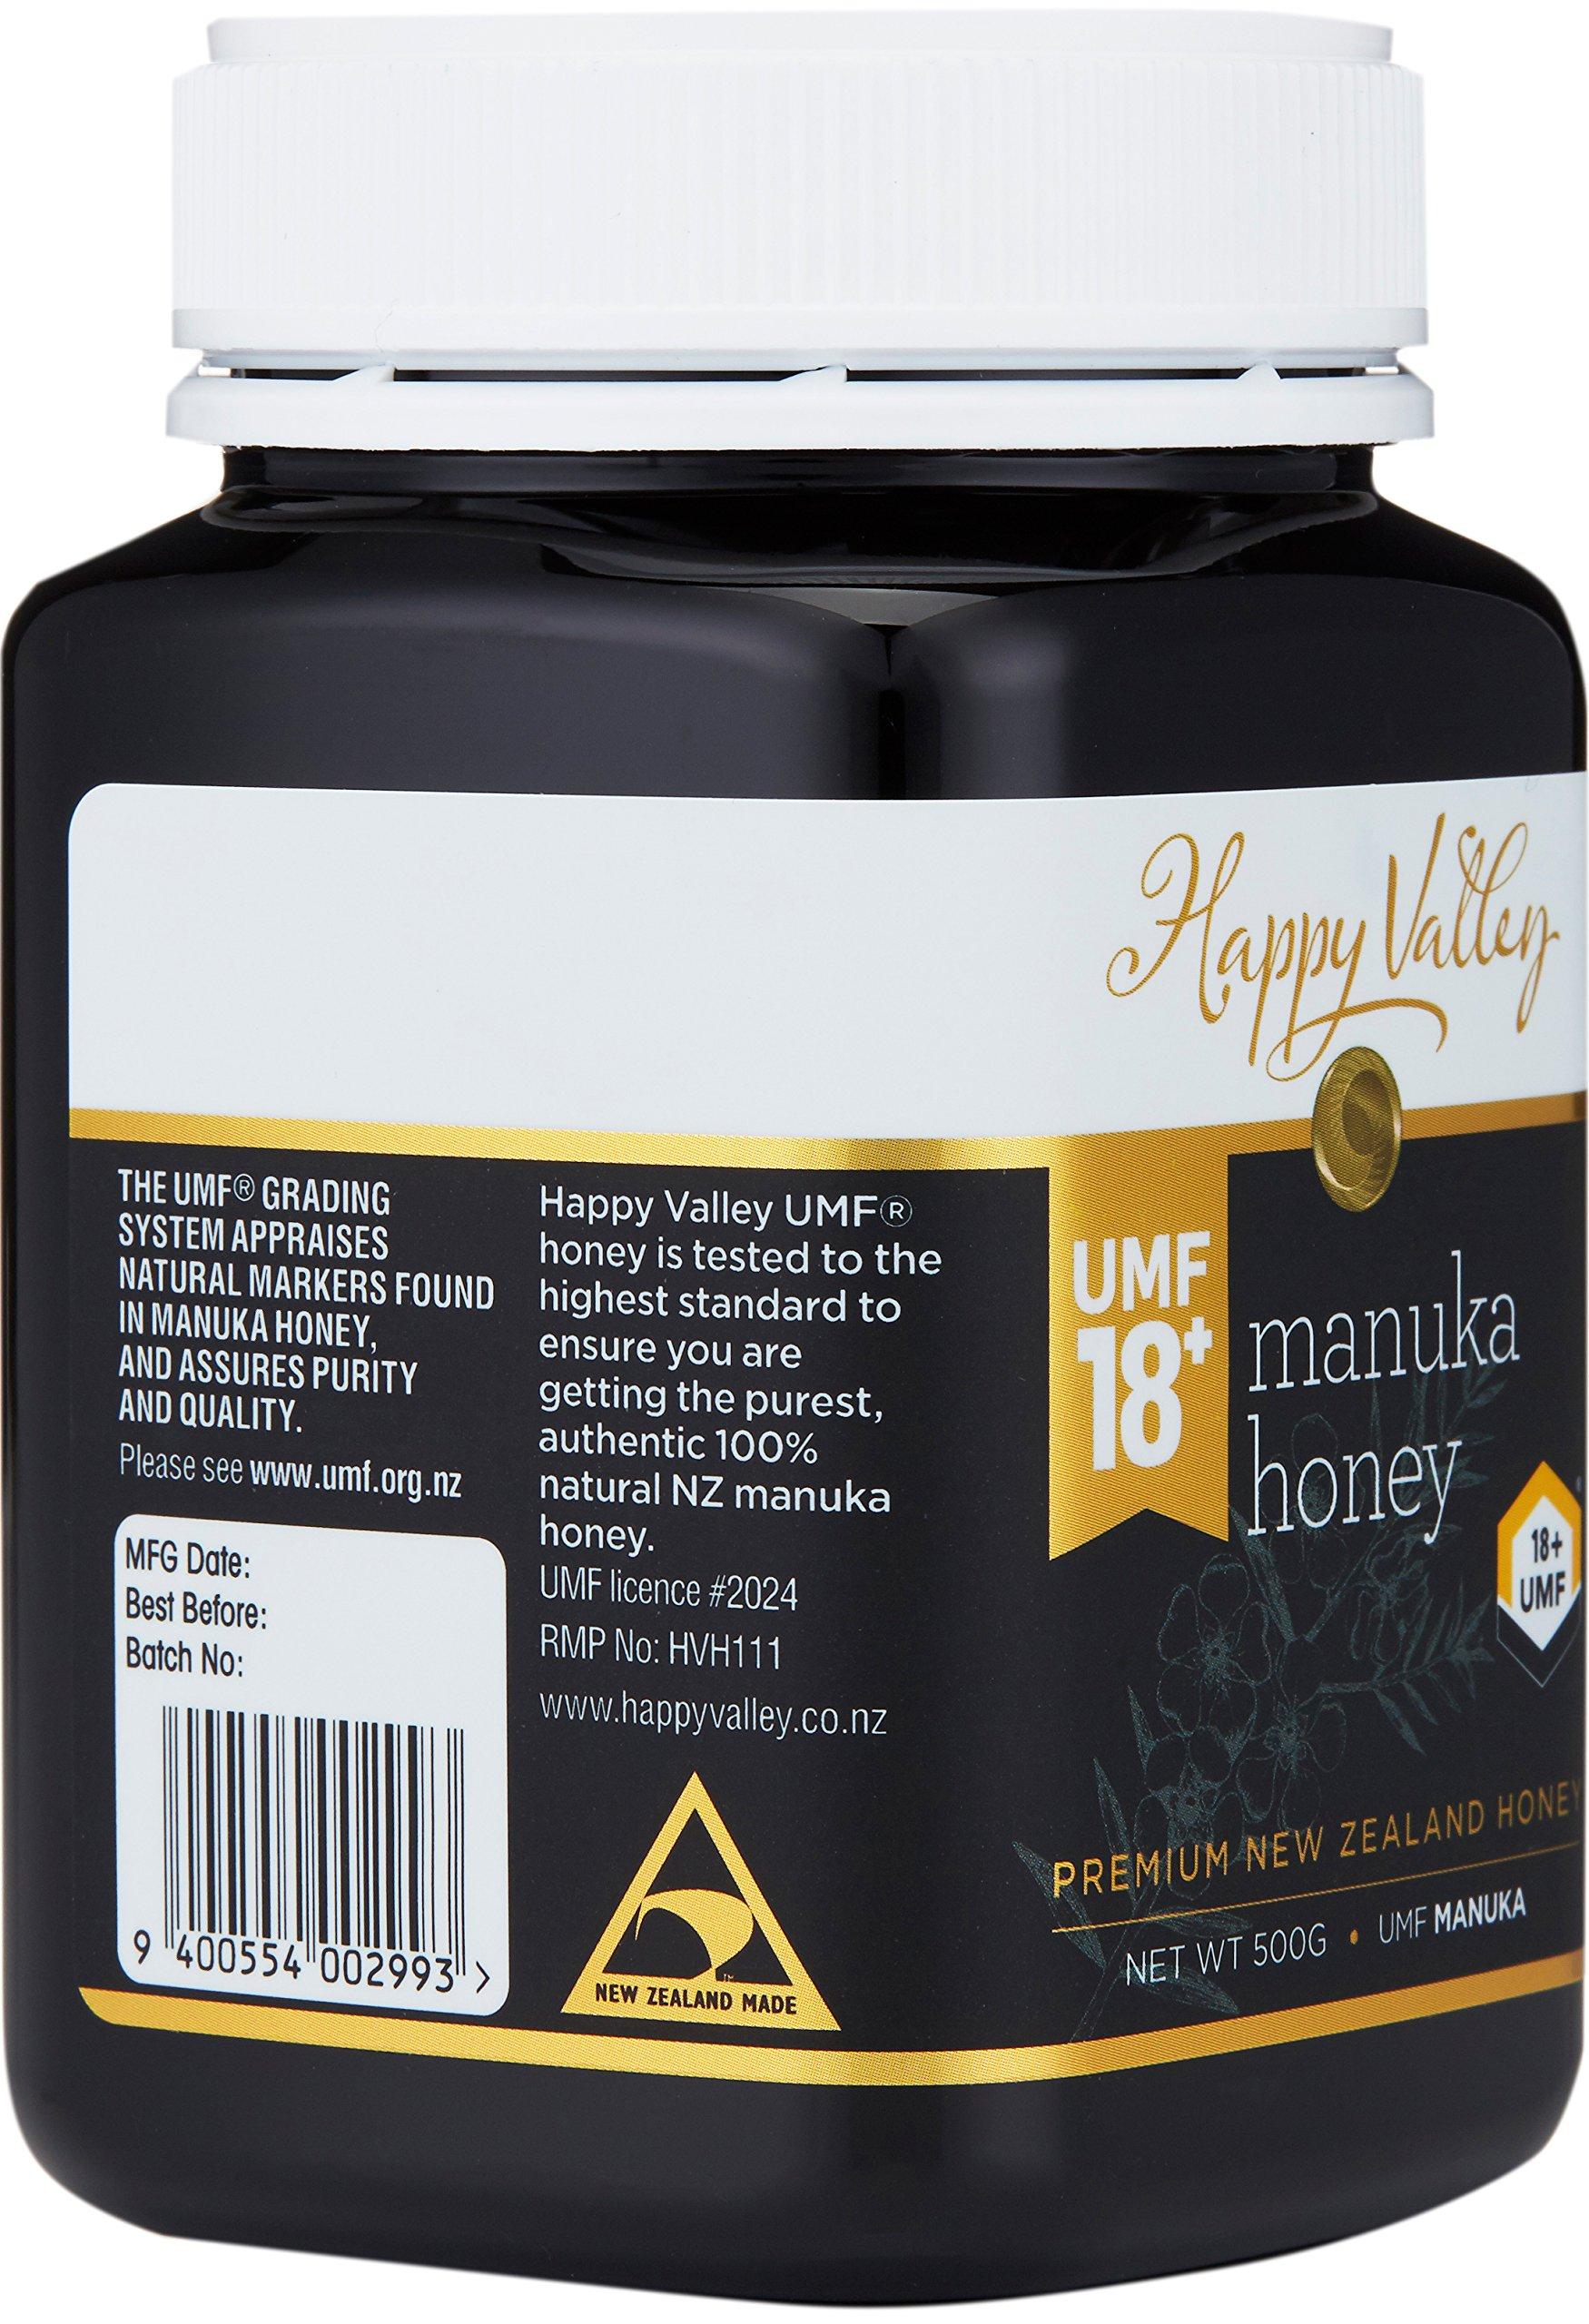 Happy Valley UMF 18+ Manuka Honey, 500g (17.6oz) by Happy Valley (Image #2)